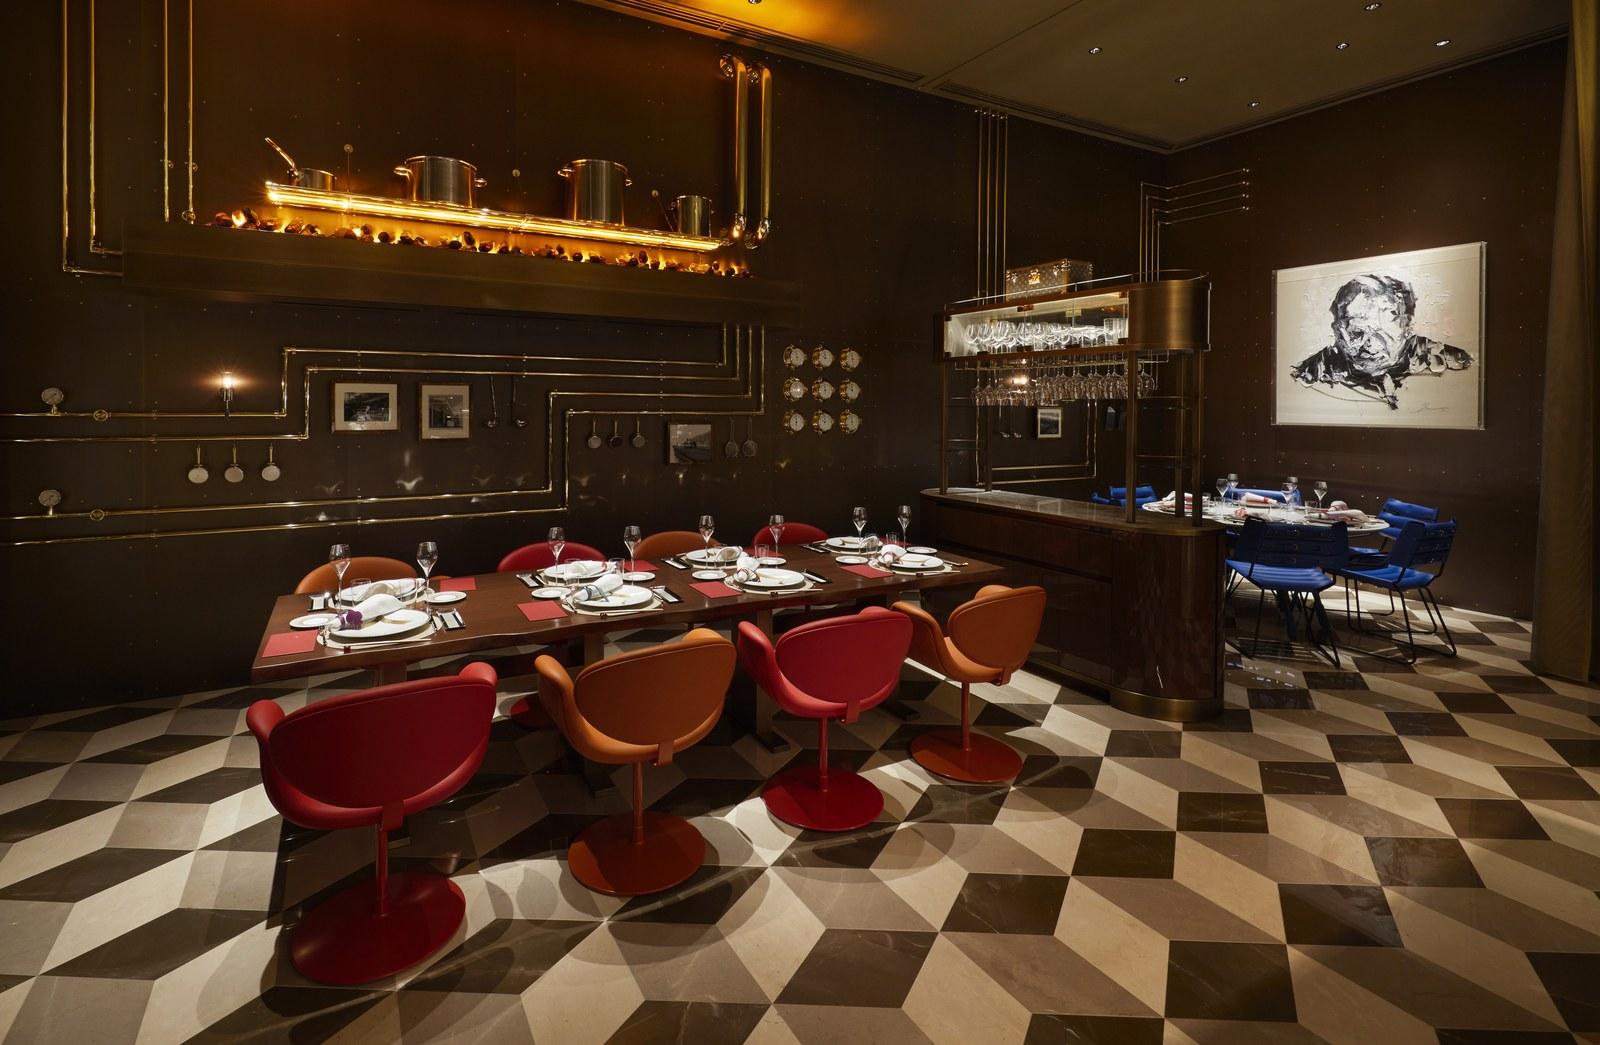 Louis Vuitton restoran (7)